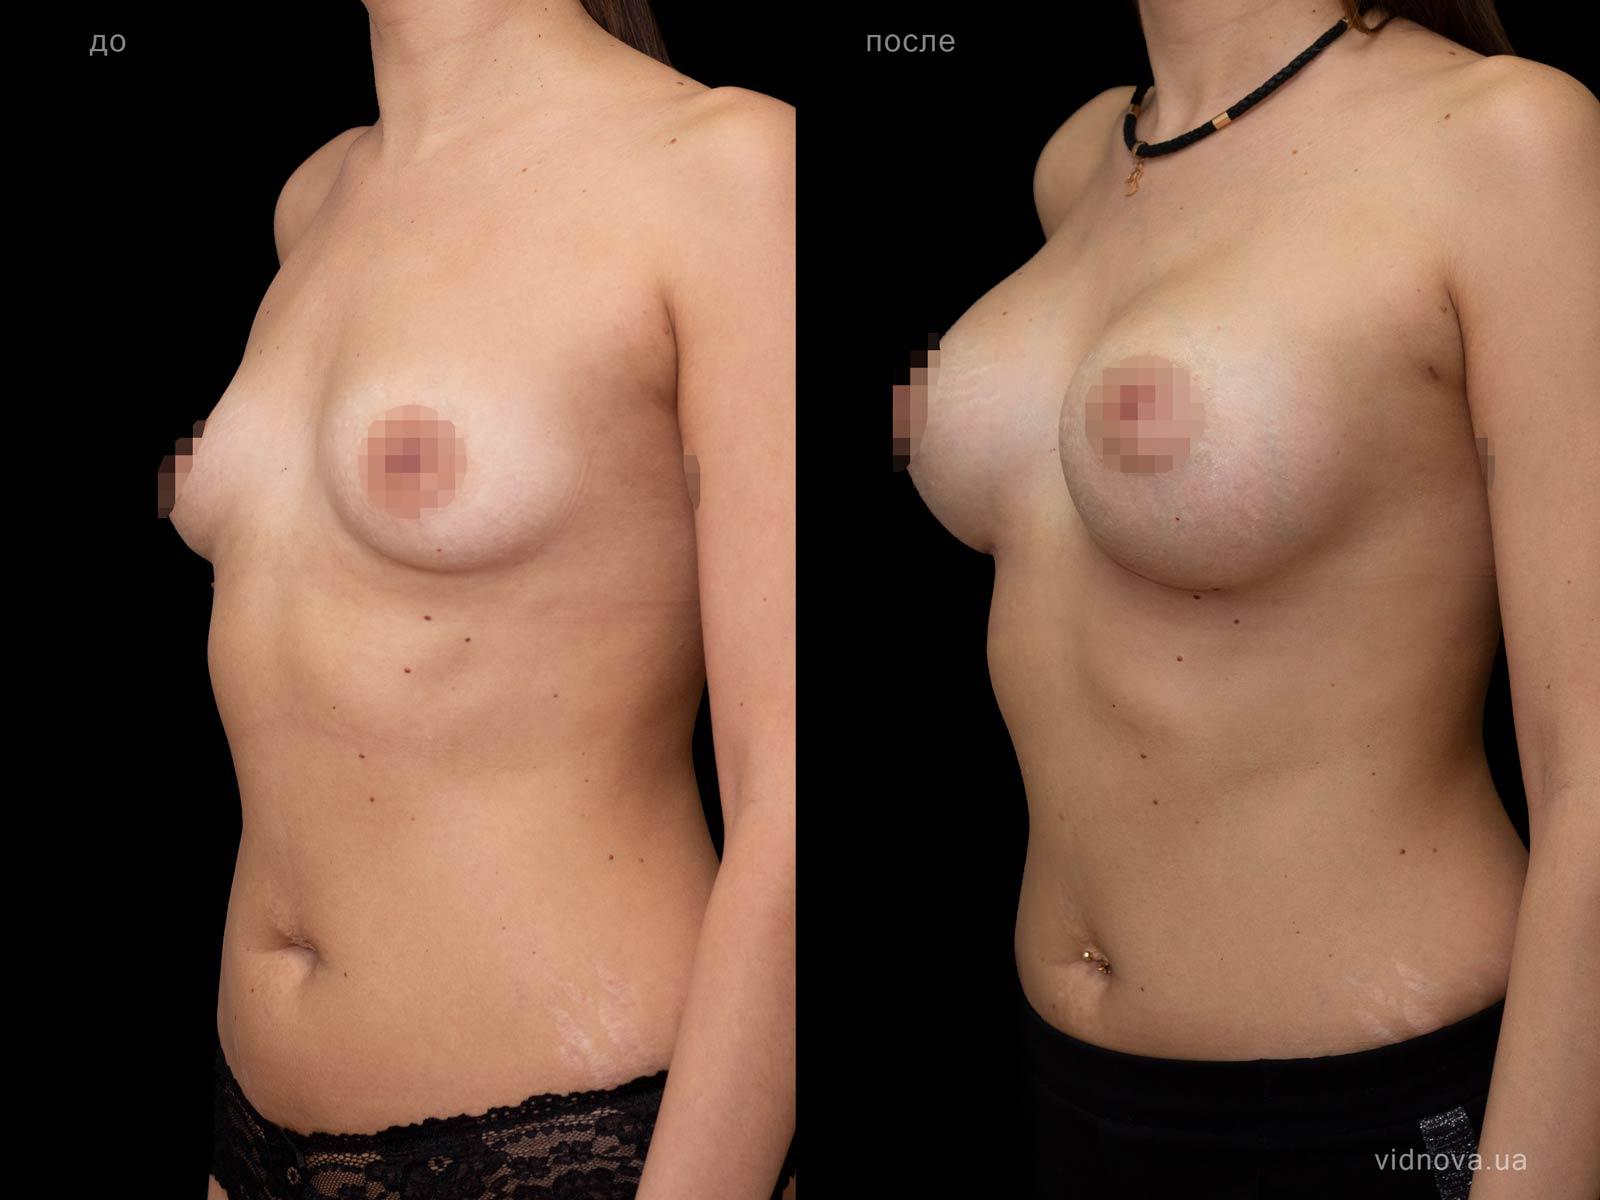 Пластика груди: результаты до и после - Пример №92-1 - Светлана Работенко